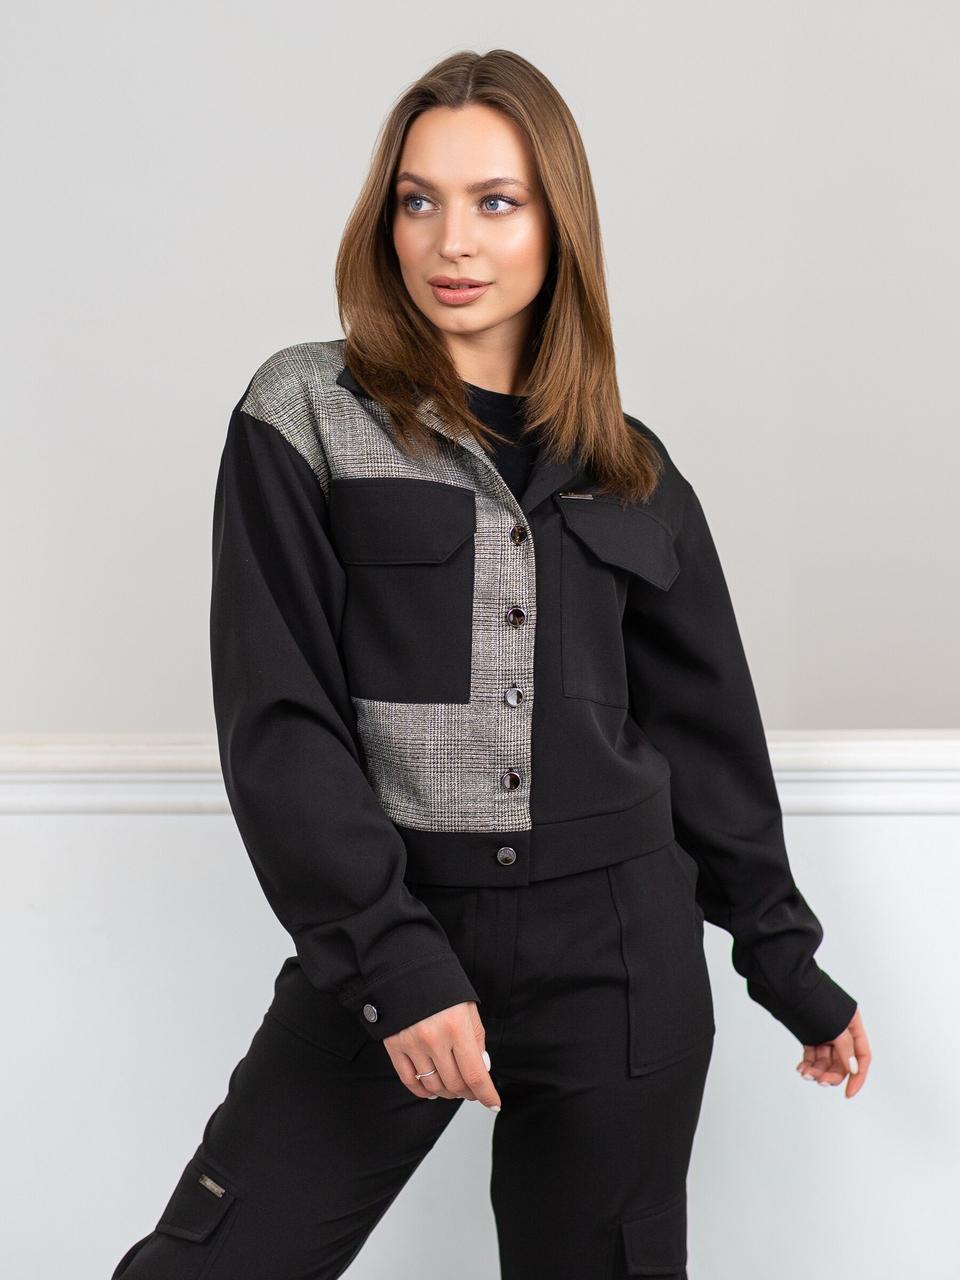 Піджак жіночий, колір: чорний+сірий, розмір: 42-44(XS-S), 44-46(S-M), 46-48(M-L), 48-50(L-XL)